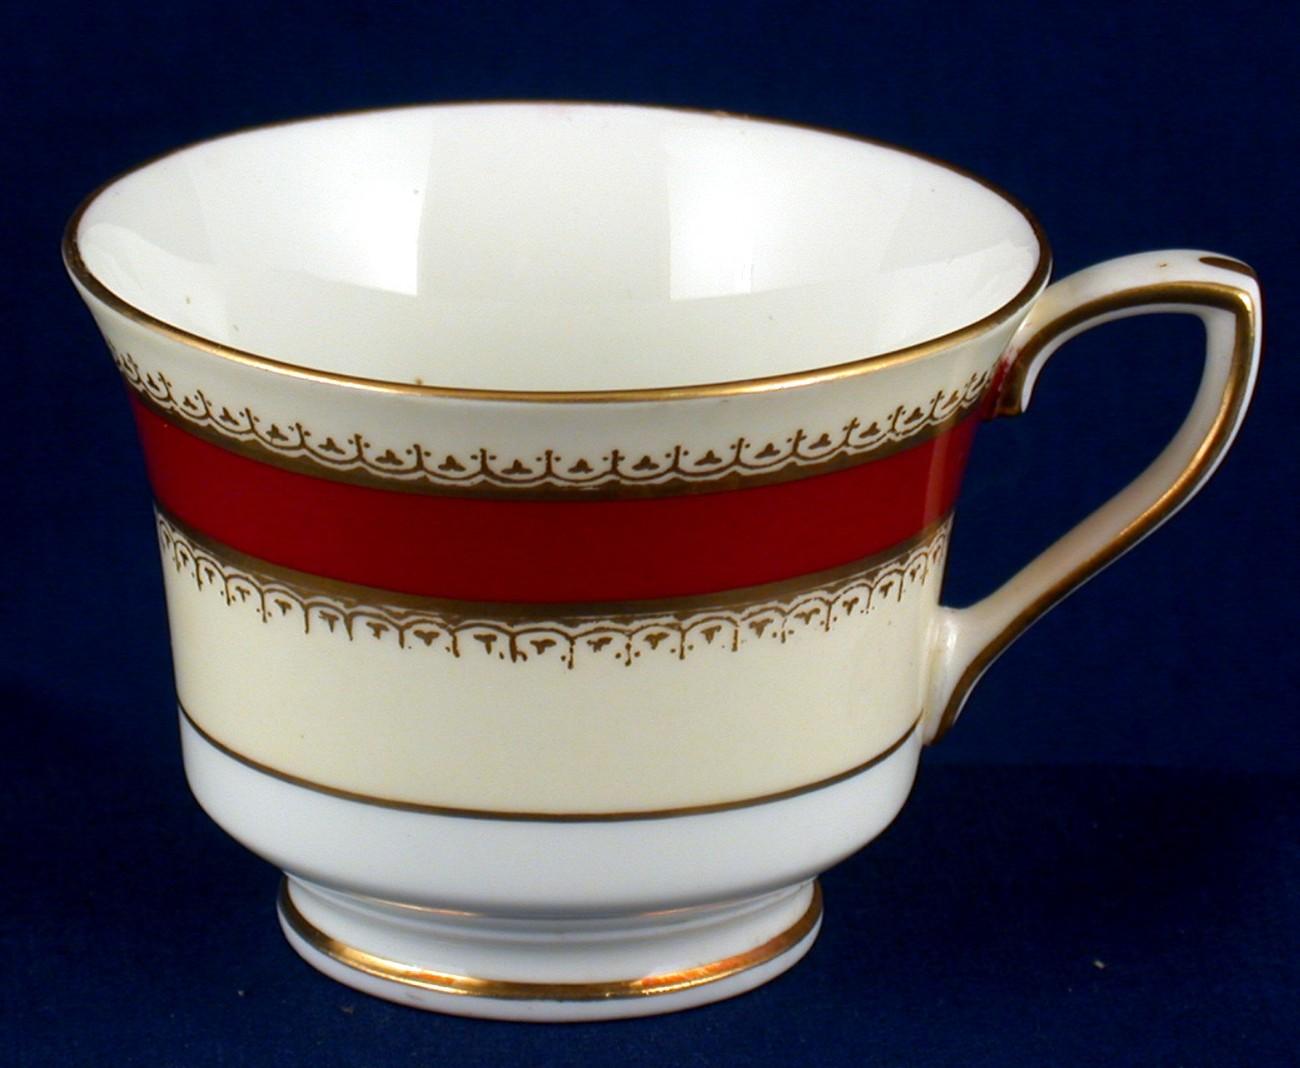 Royal worcester belford demitasse cup